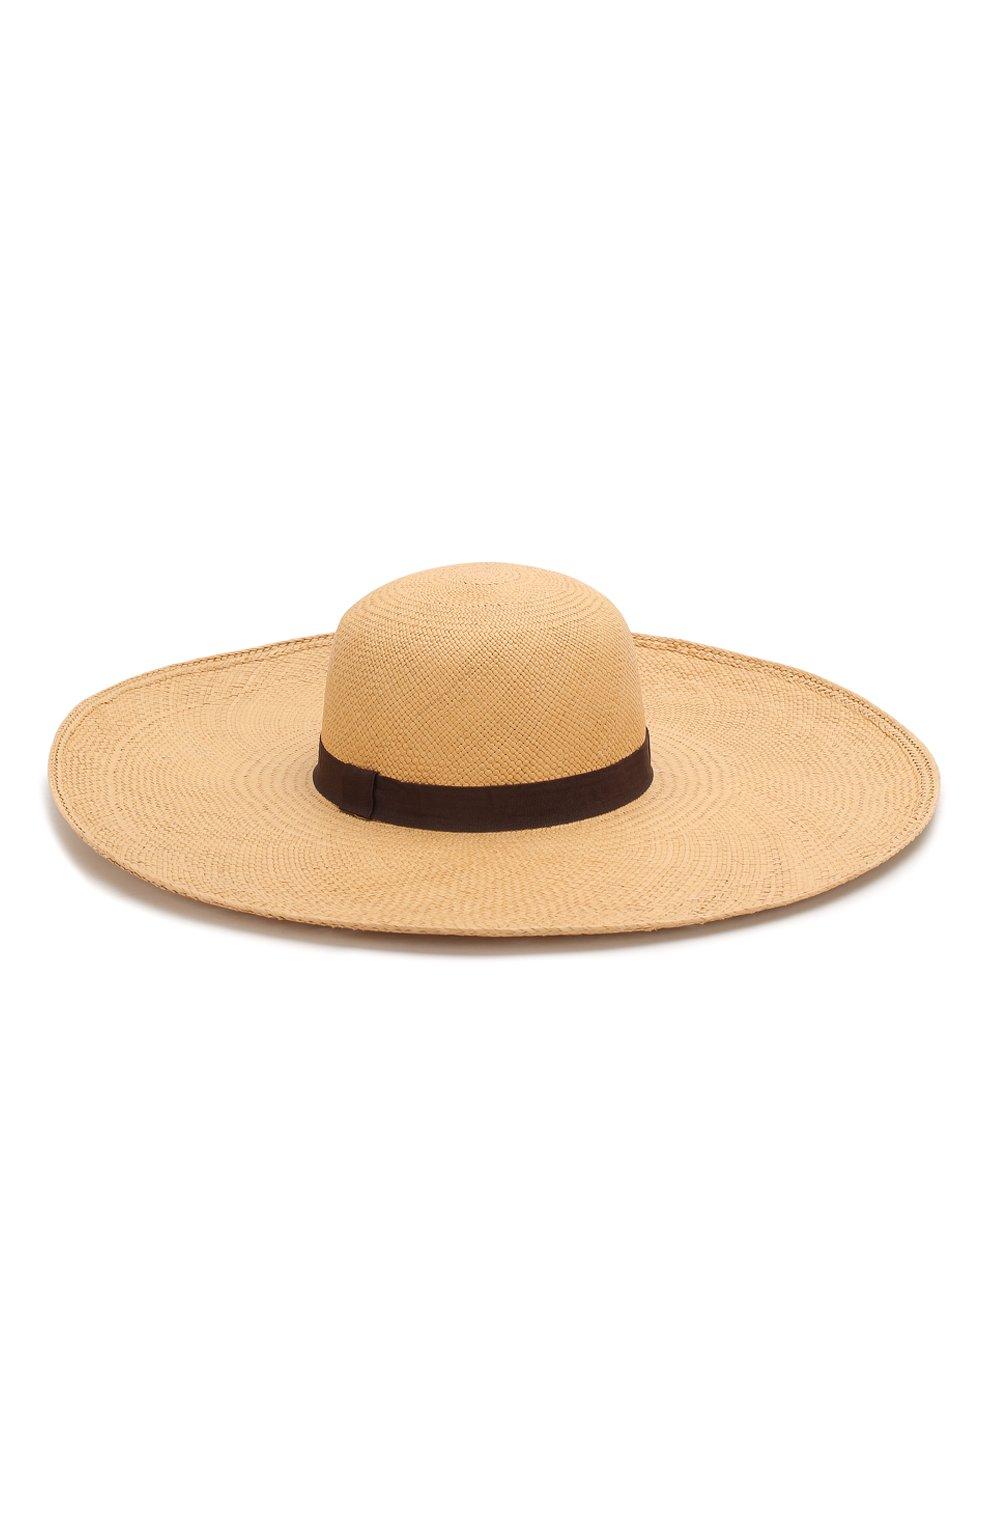 Женская шляпа anastasia CANOE светло-бежевого цвета, арт. 1964829   Фото 2